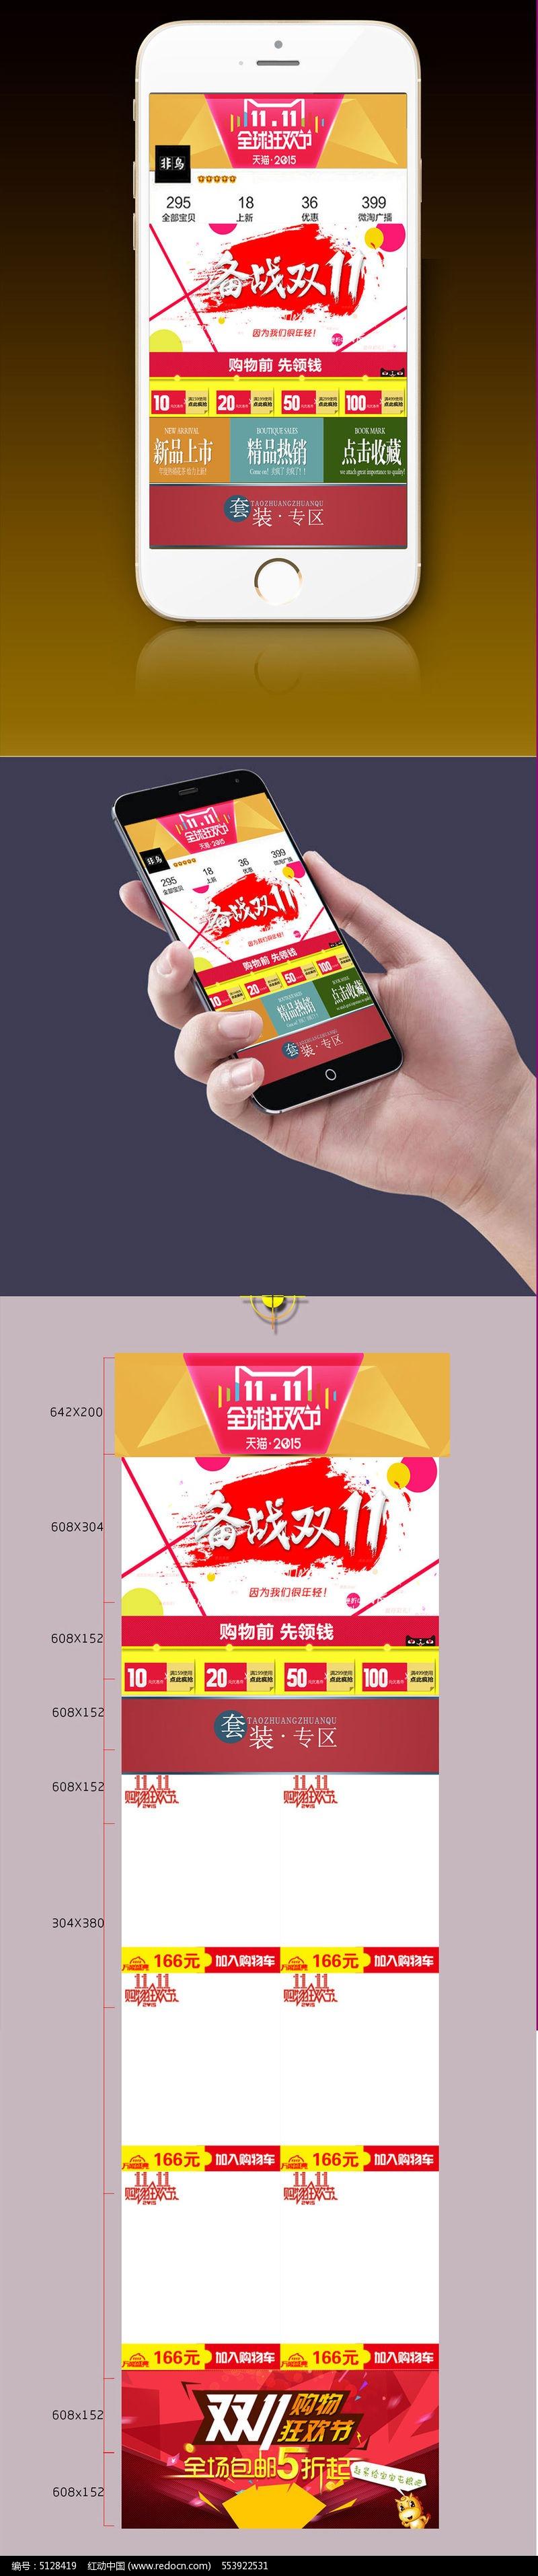 最新双11手机店铺首页图片下载淘宝双11来了图片